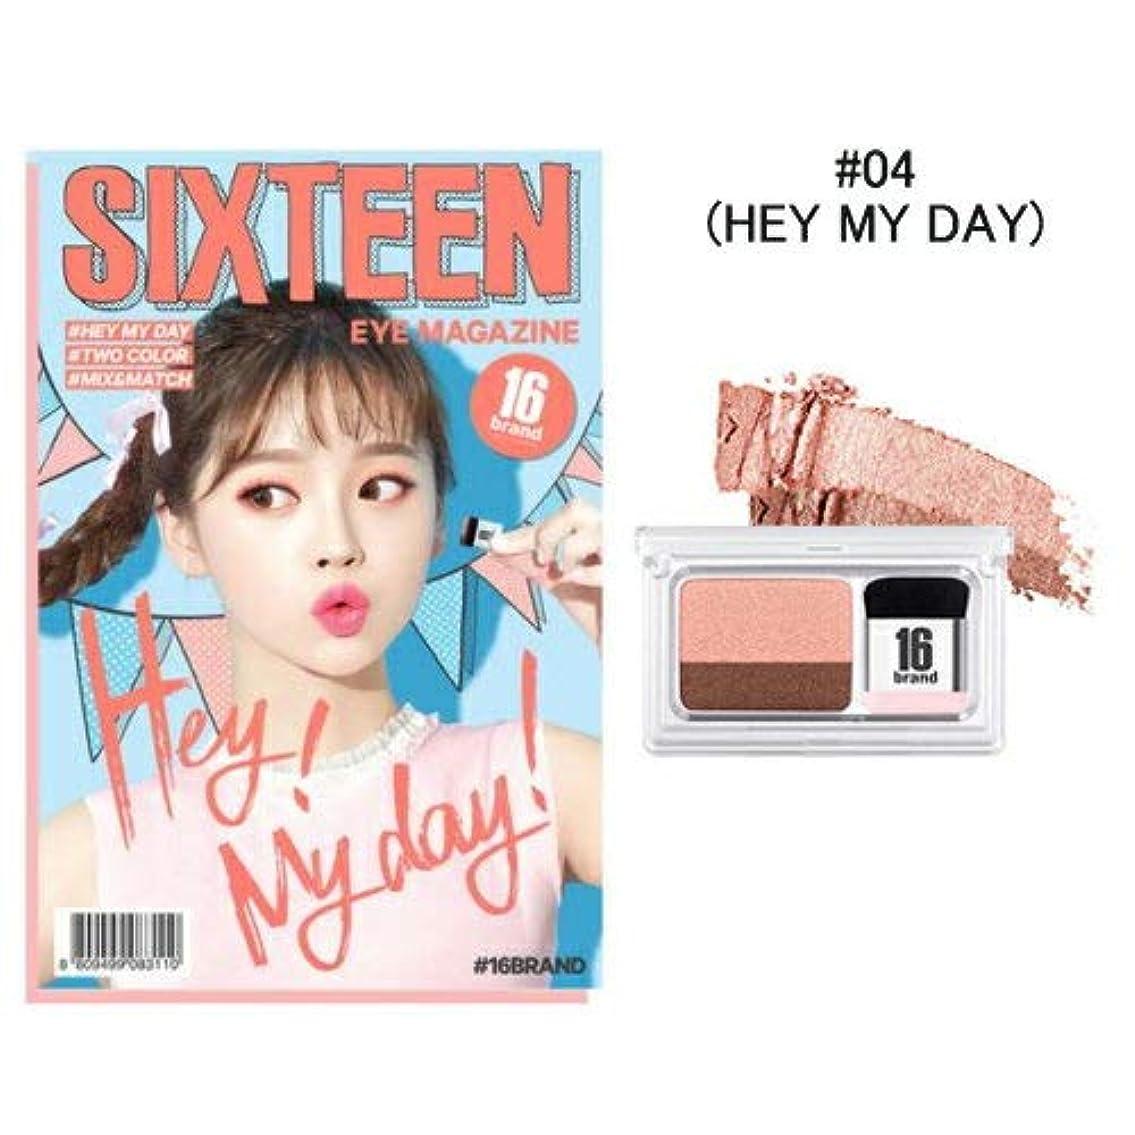 ジェーンオースティン放課後海港[New Color] 16brand Sixteen Eye Magazine 2g /16ブランド シックスティーン アイ マガジン 2g (#04 HEY MY DAY) [並行輸入品]